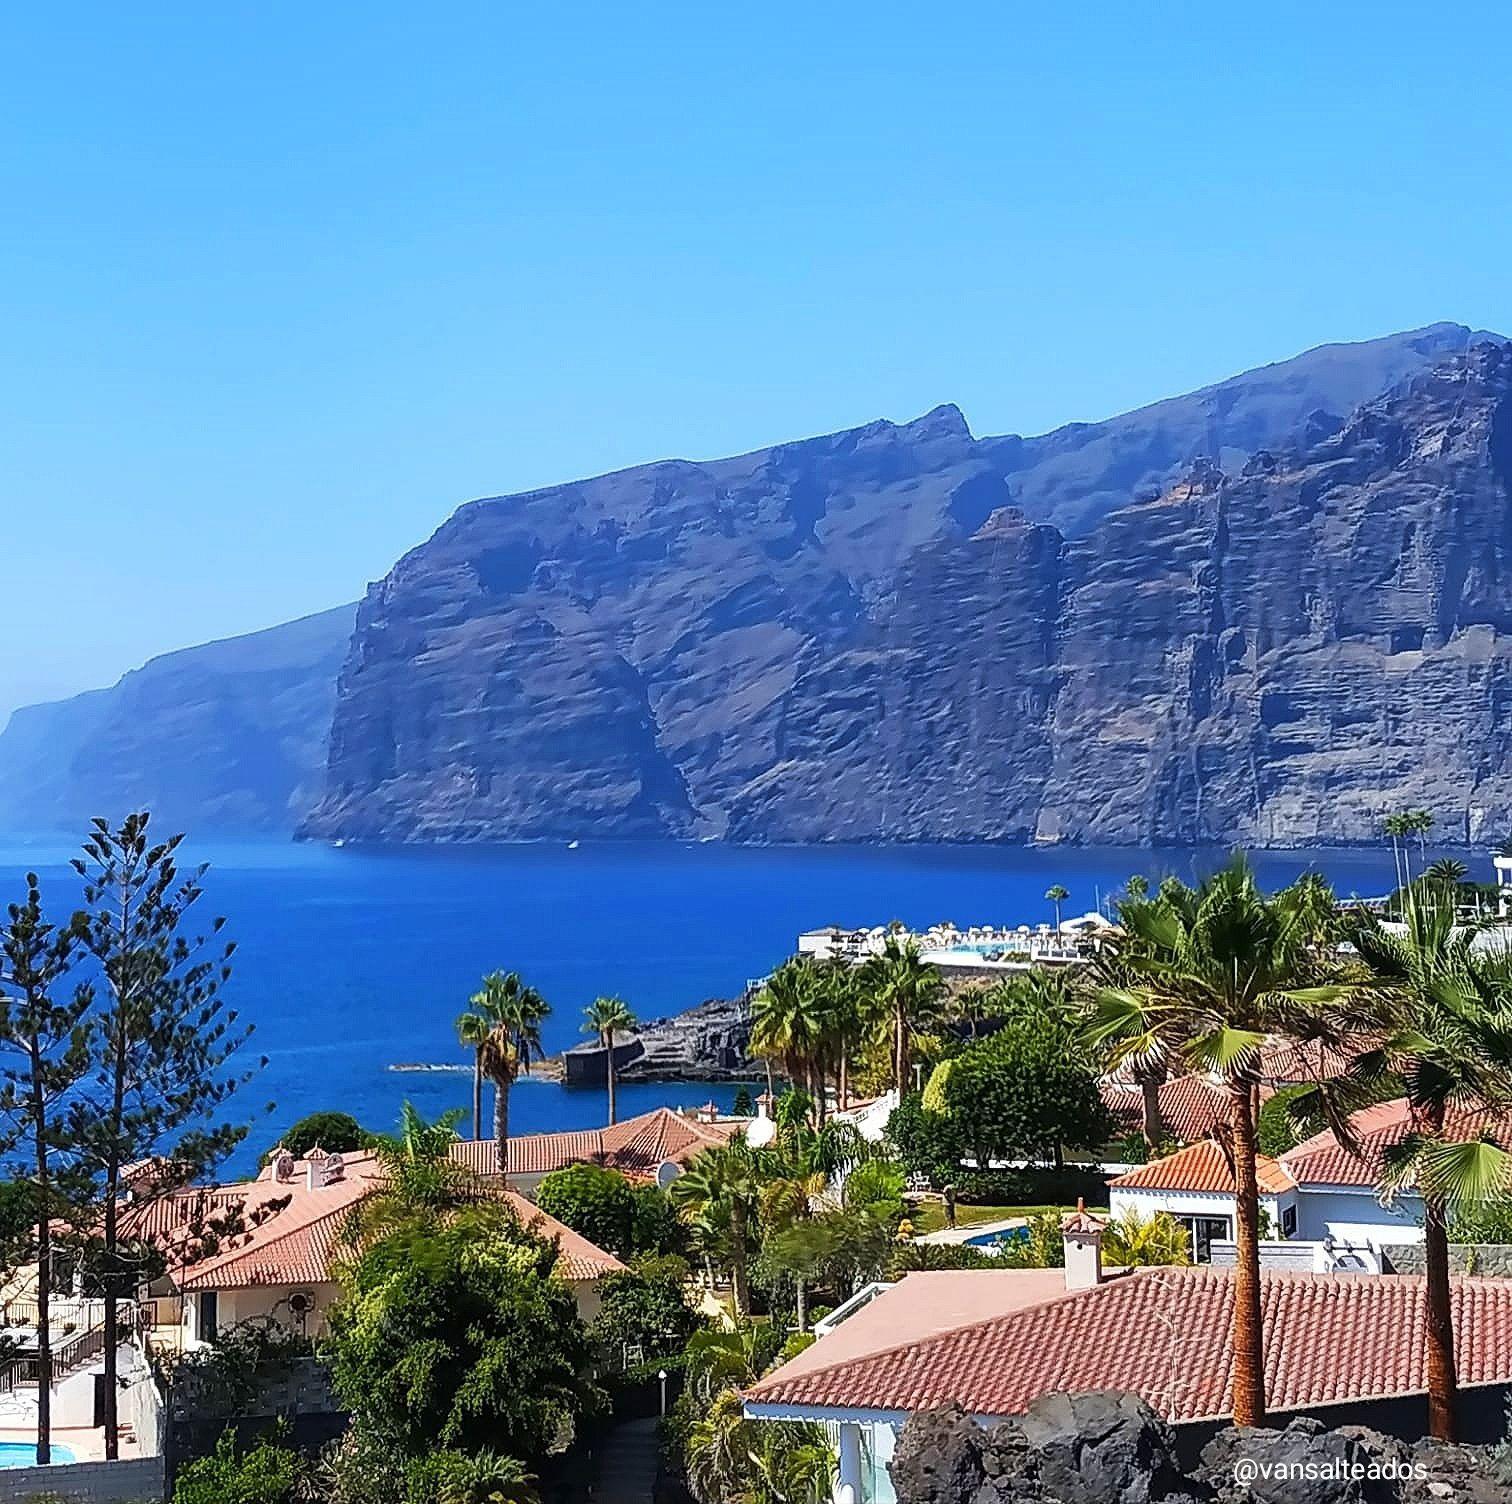 Acantilado de los gigantes, Tenerife